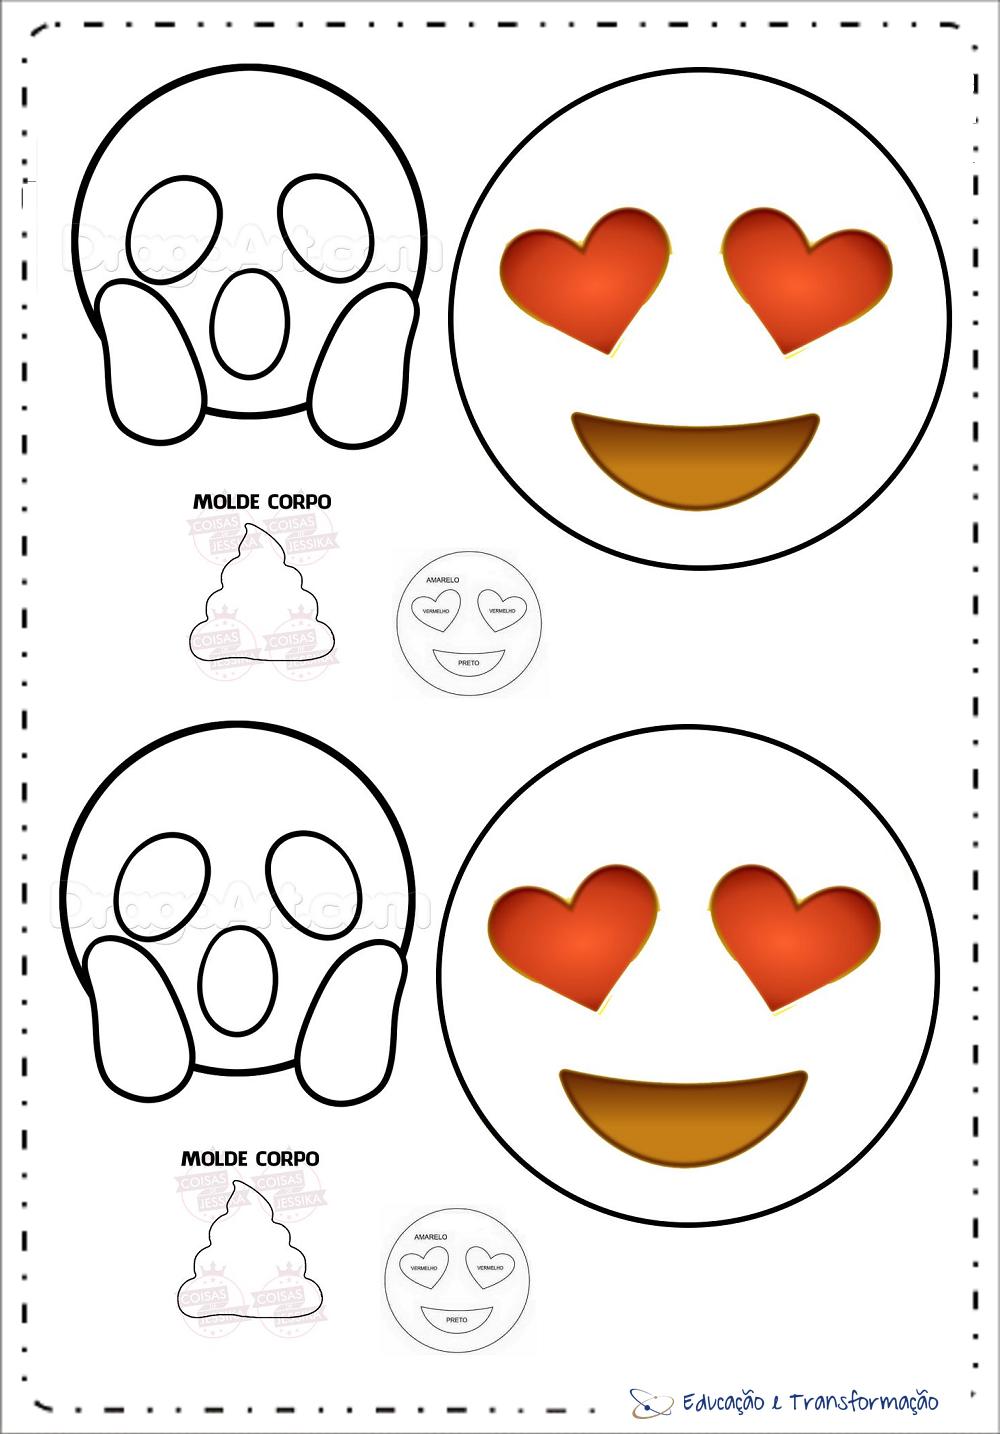 Moldes de Emoji para imprimir - EVA e FELTRO - Artesanato e Decoração